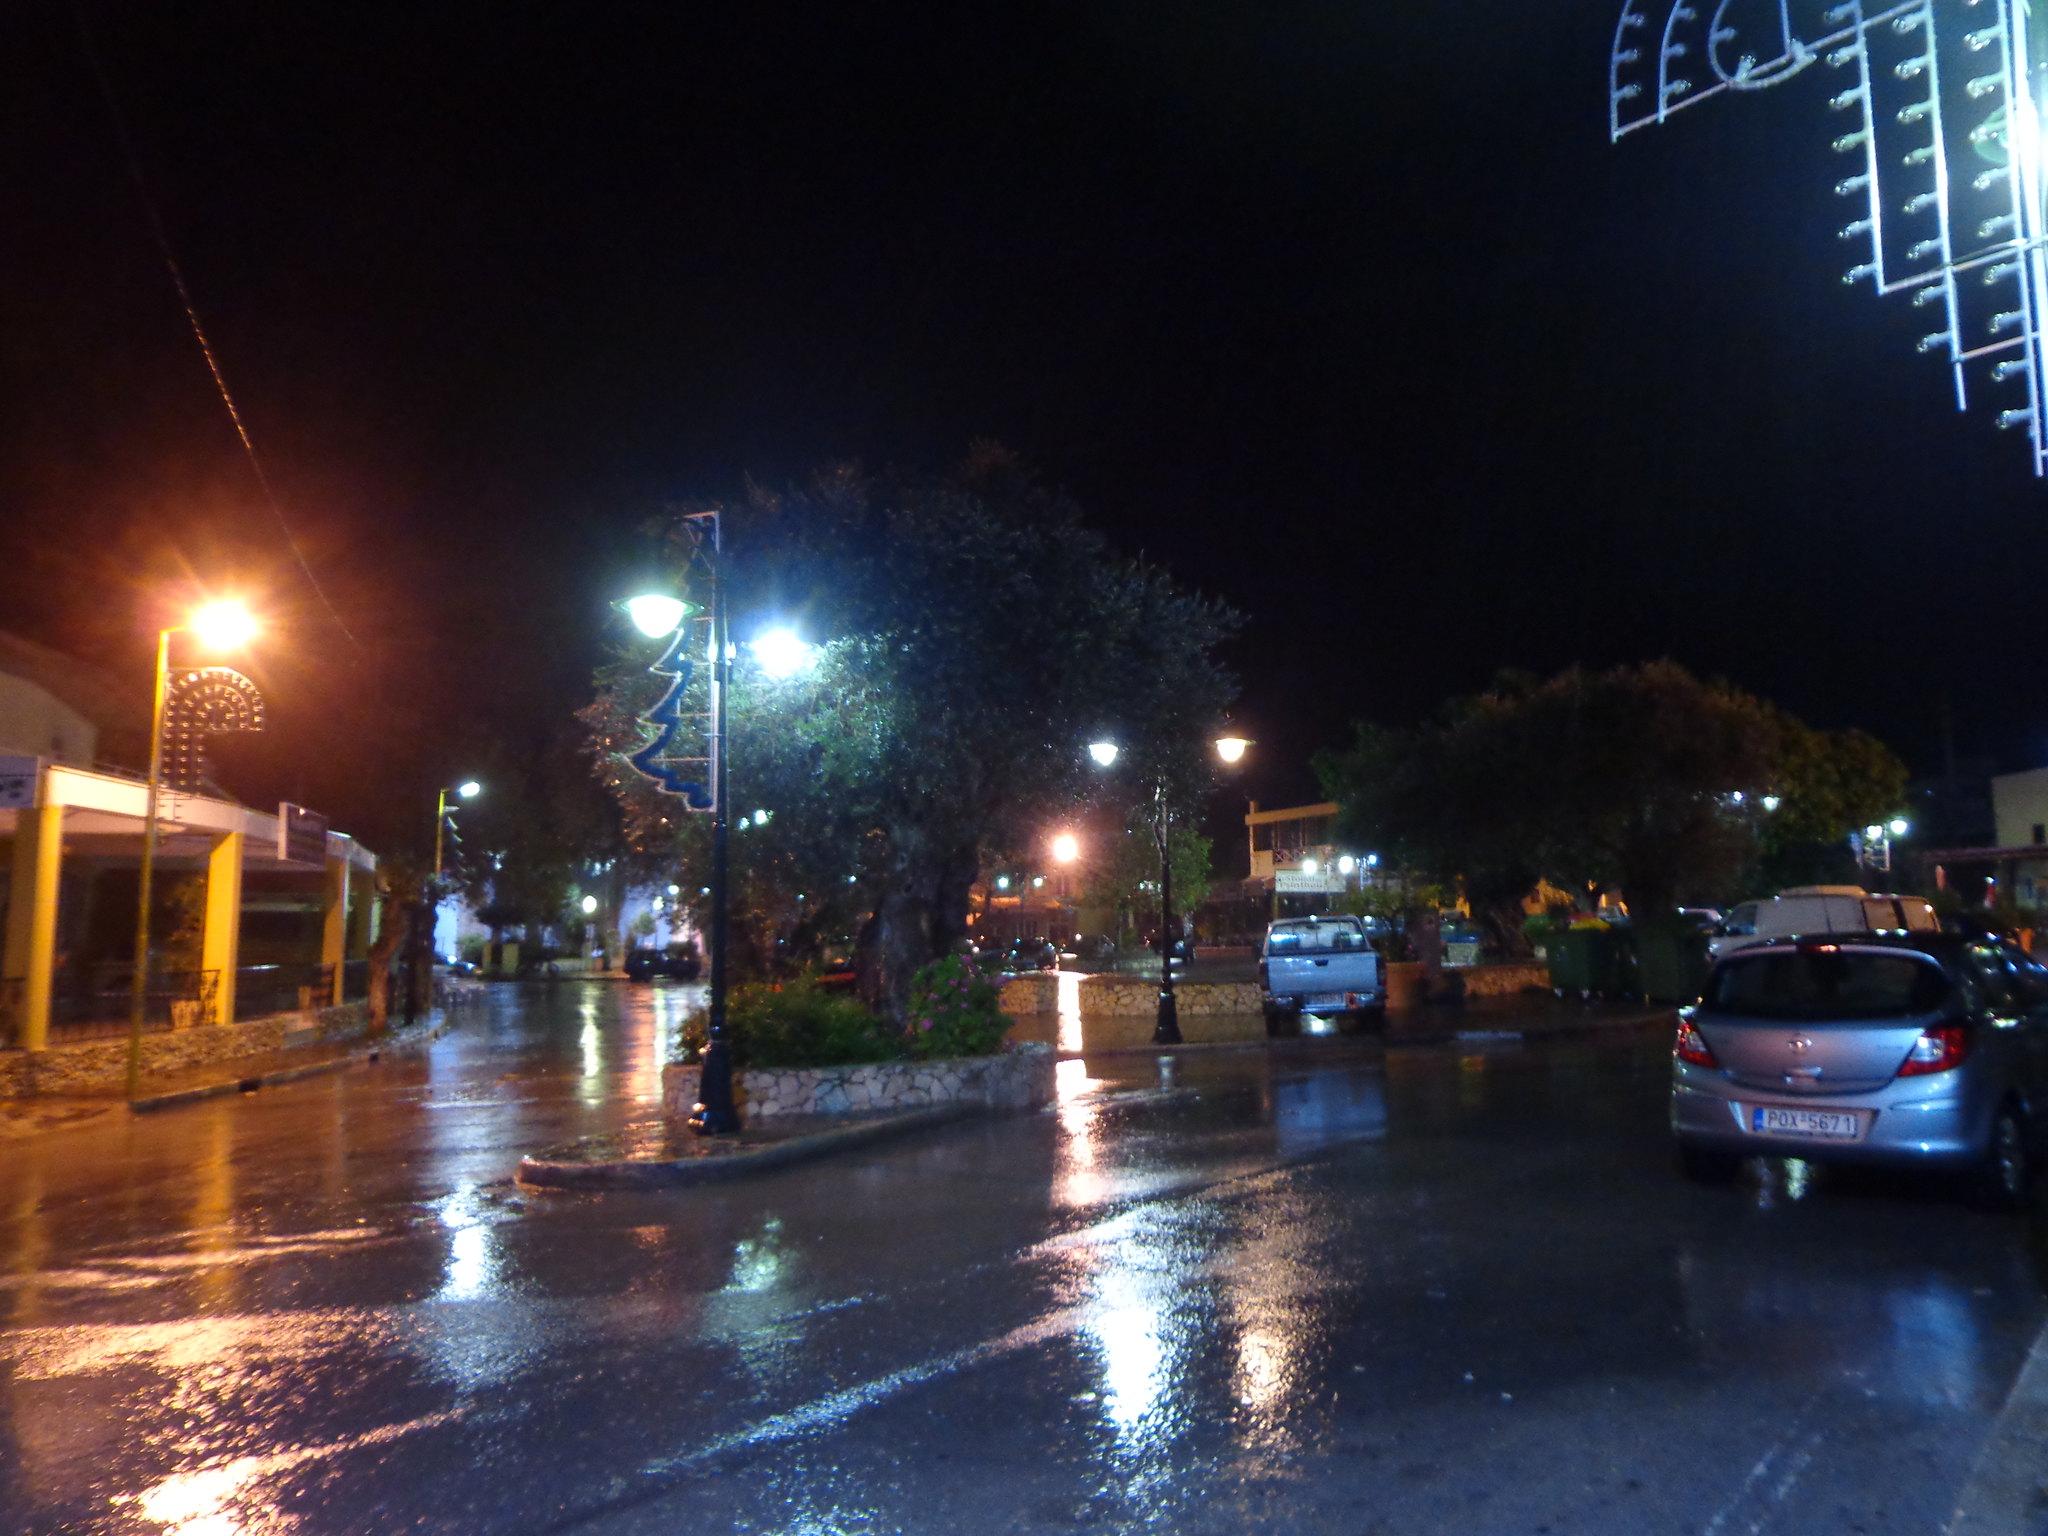 Νυχτερινή καταιγίδα, Ψίνθος